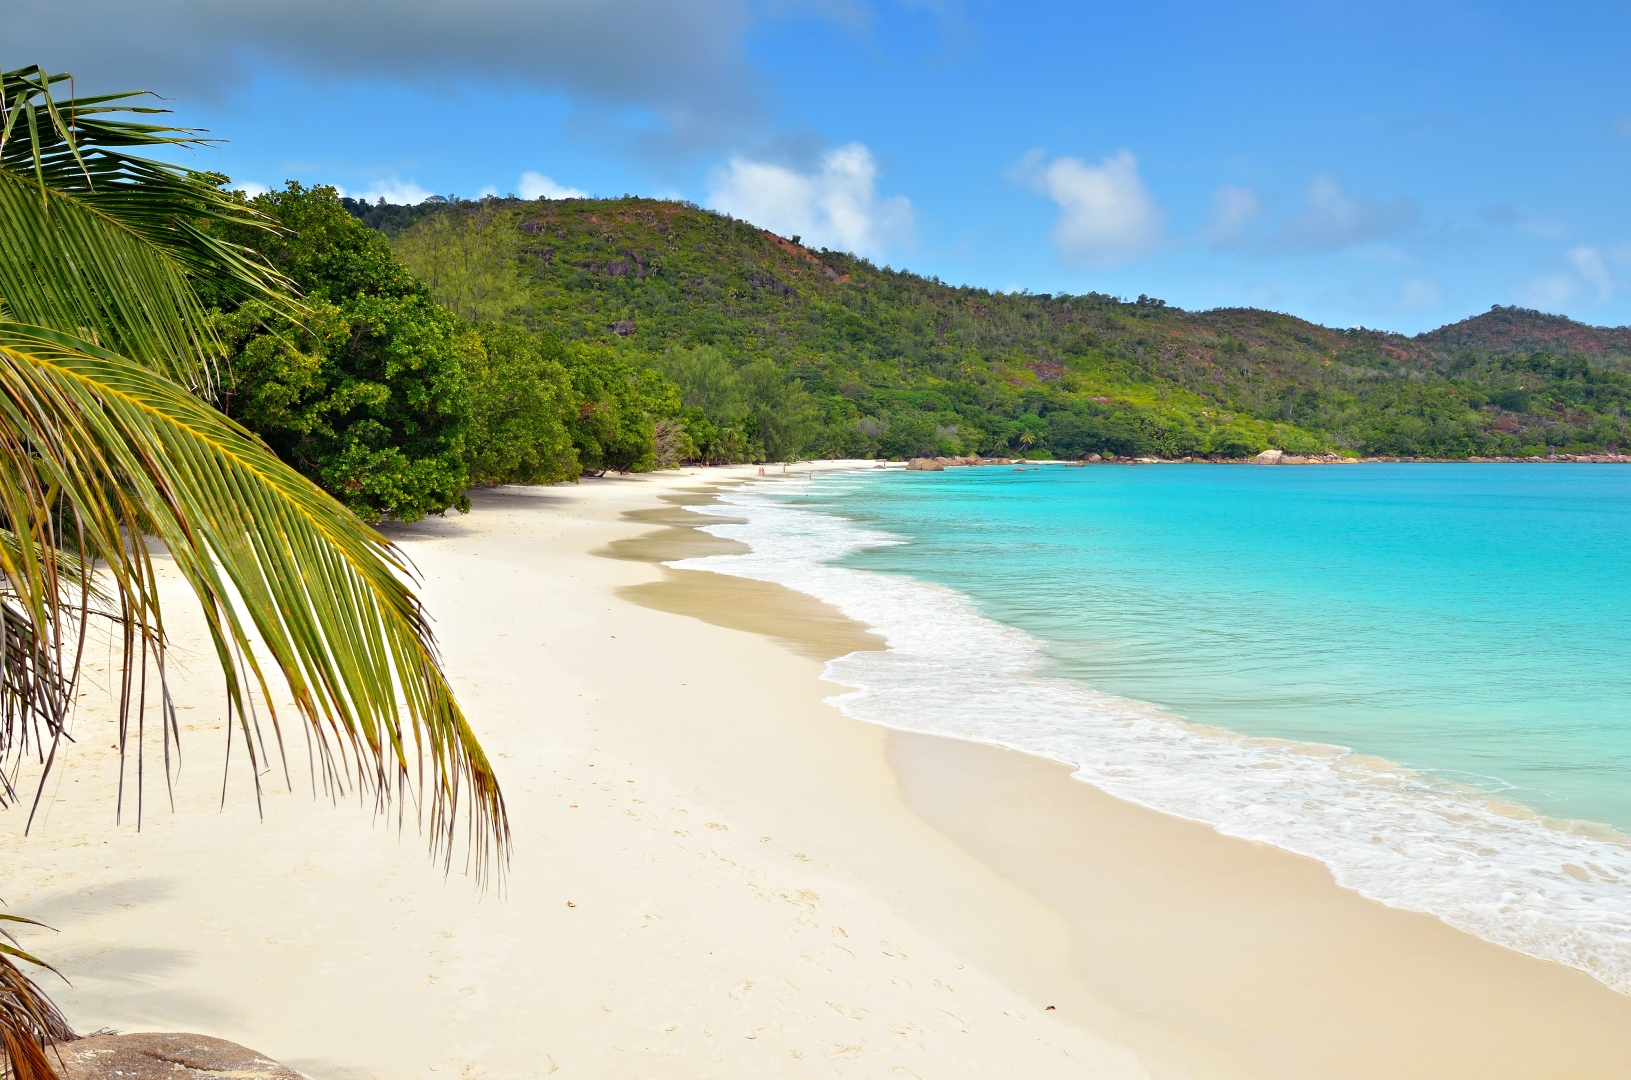 Vakantie Op De Seychellen Welk Eiland Te Kiezen